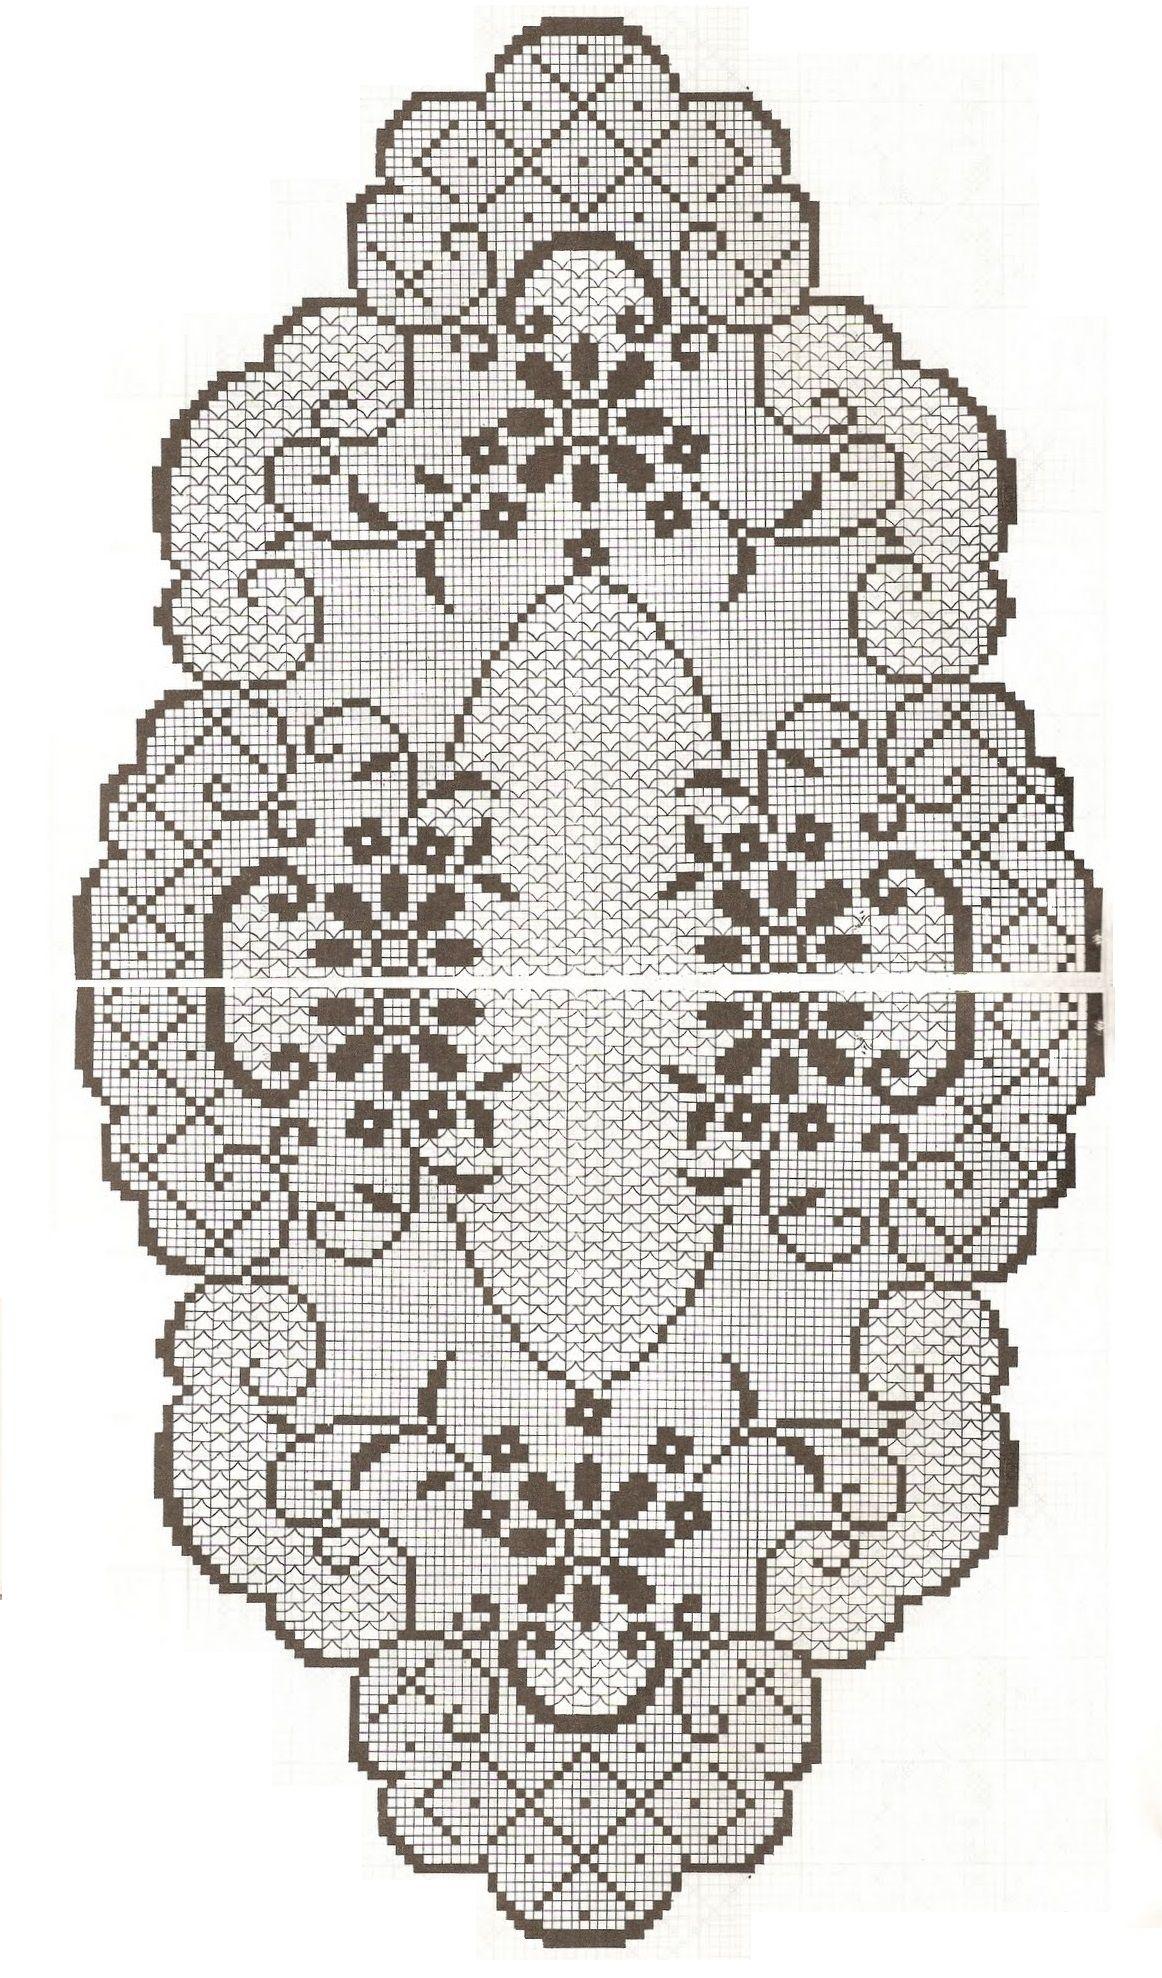 Pin von claudia roxana auf manteleria crochet | Pinterest | Deckchen ...